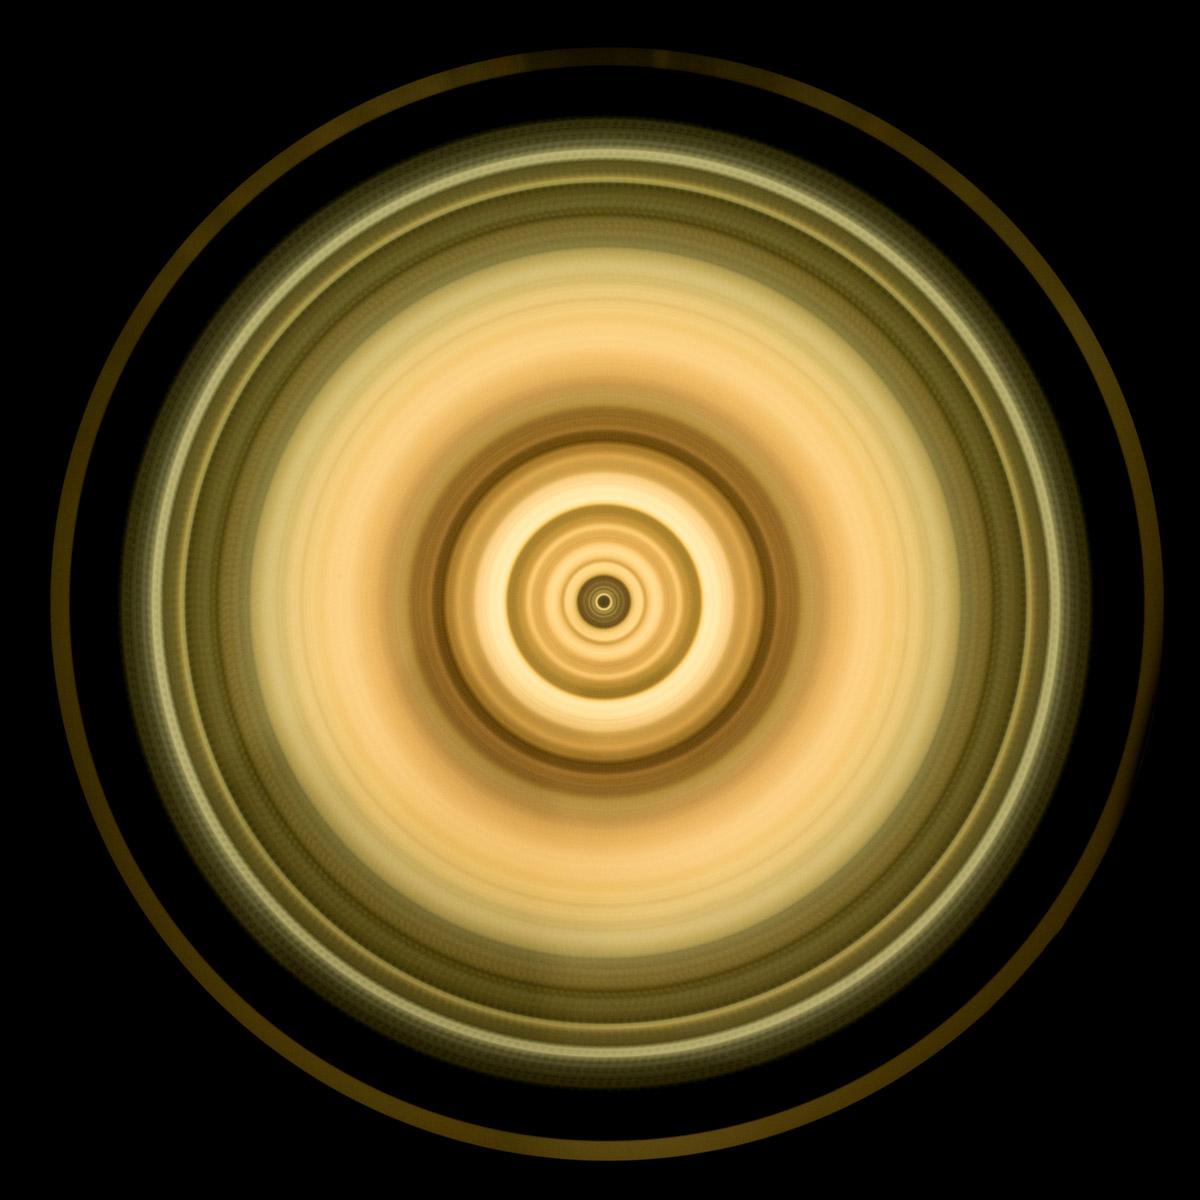 33-023-ComeonPilgrim-A.jpg